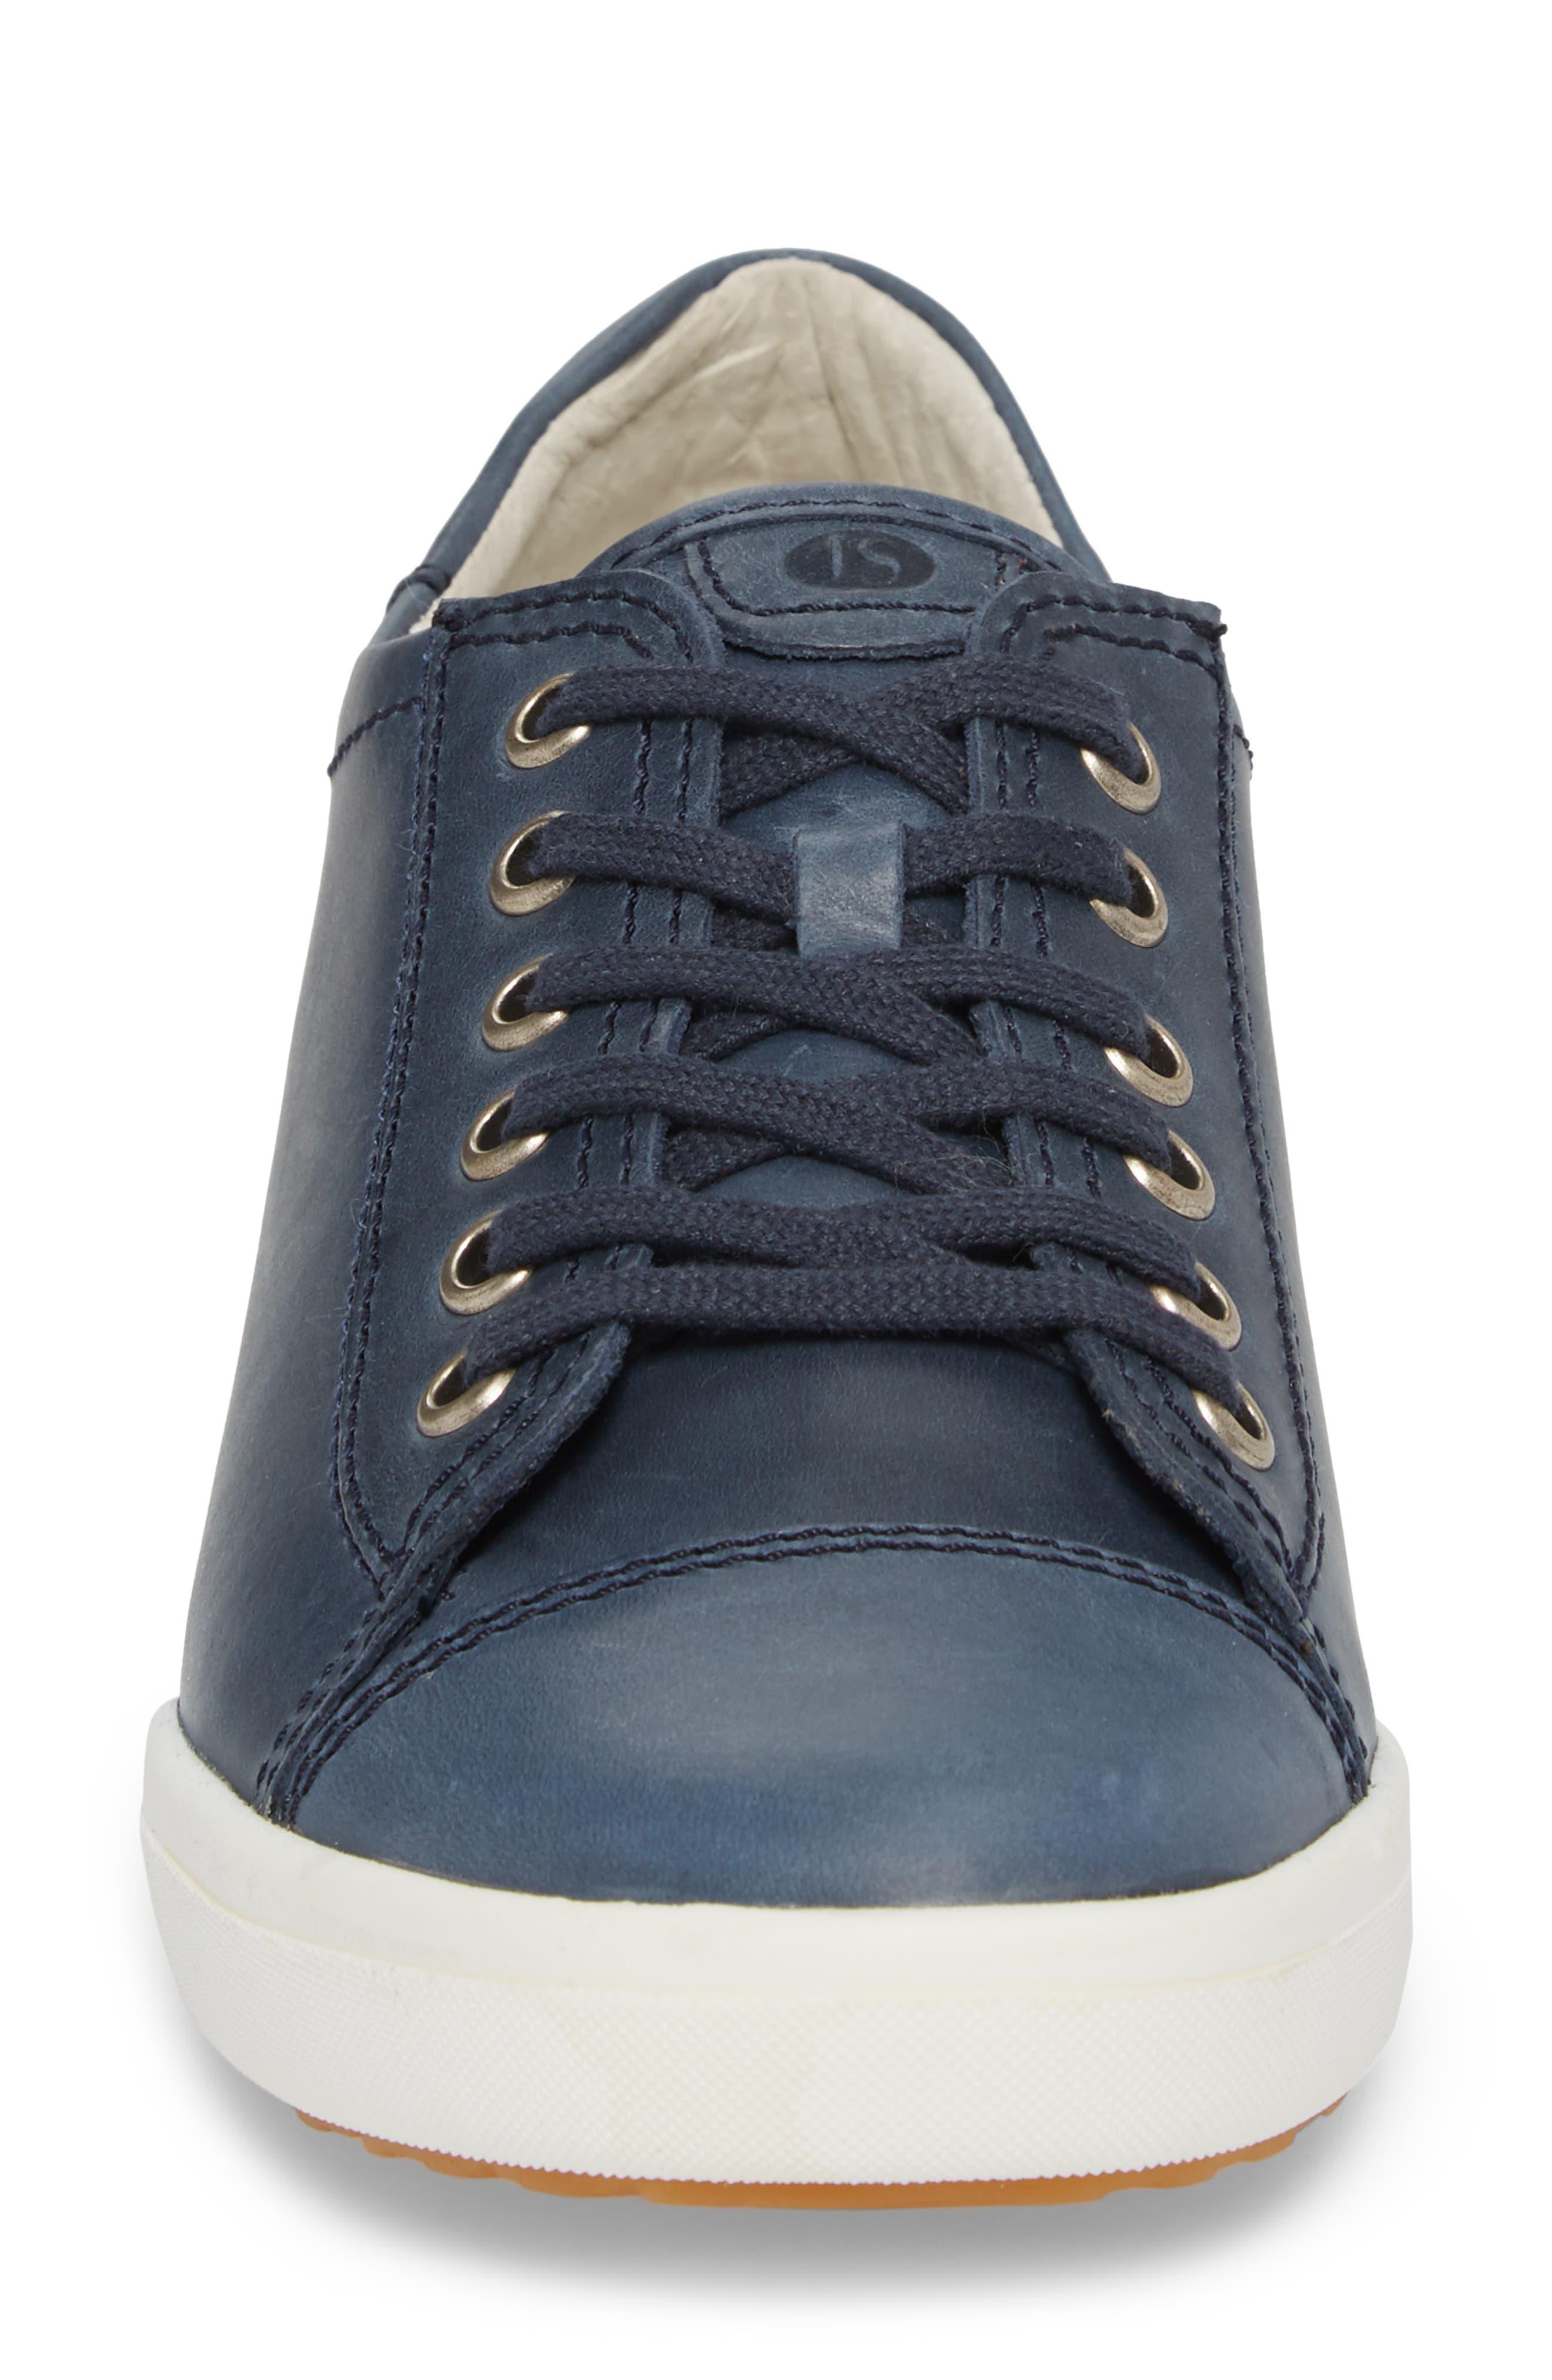 Sina 11 Sneaker,                             Alternate thumbnail 4, color,                             DENIM LEATHER